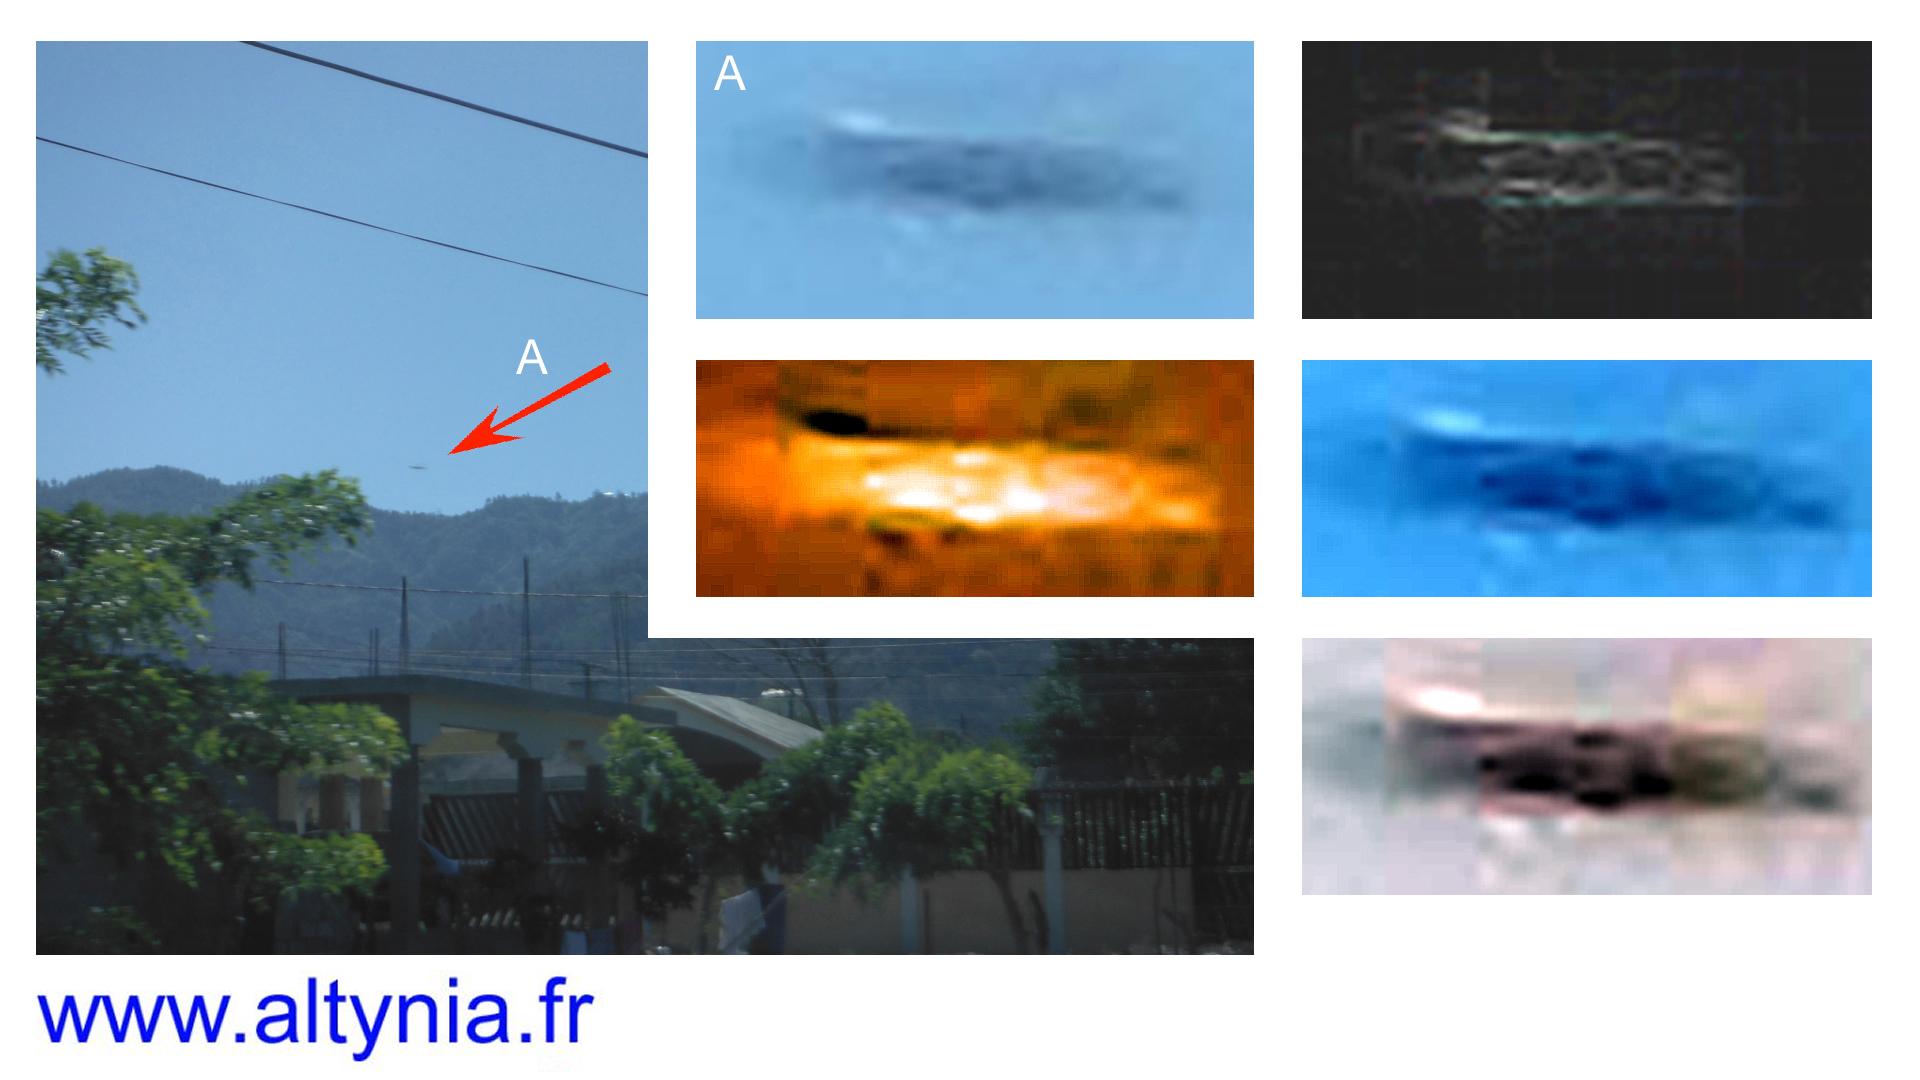 Análisis de la anomalía en la imagen realizado por Alain Jamet desde Francia